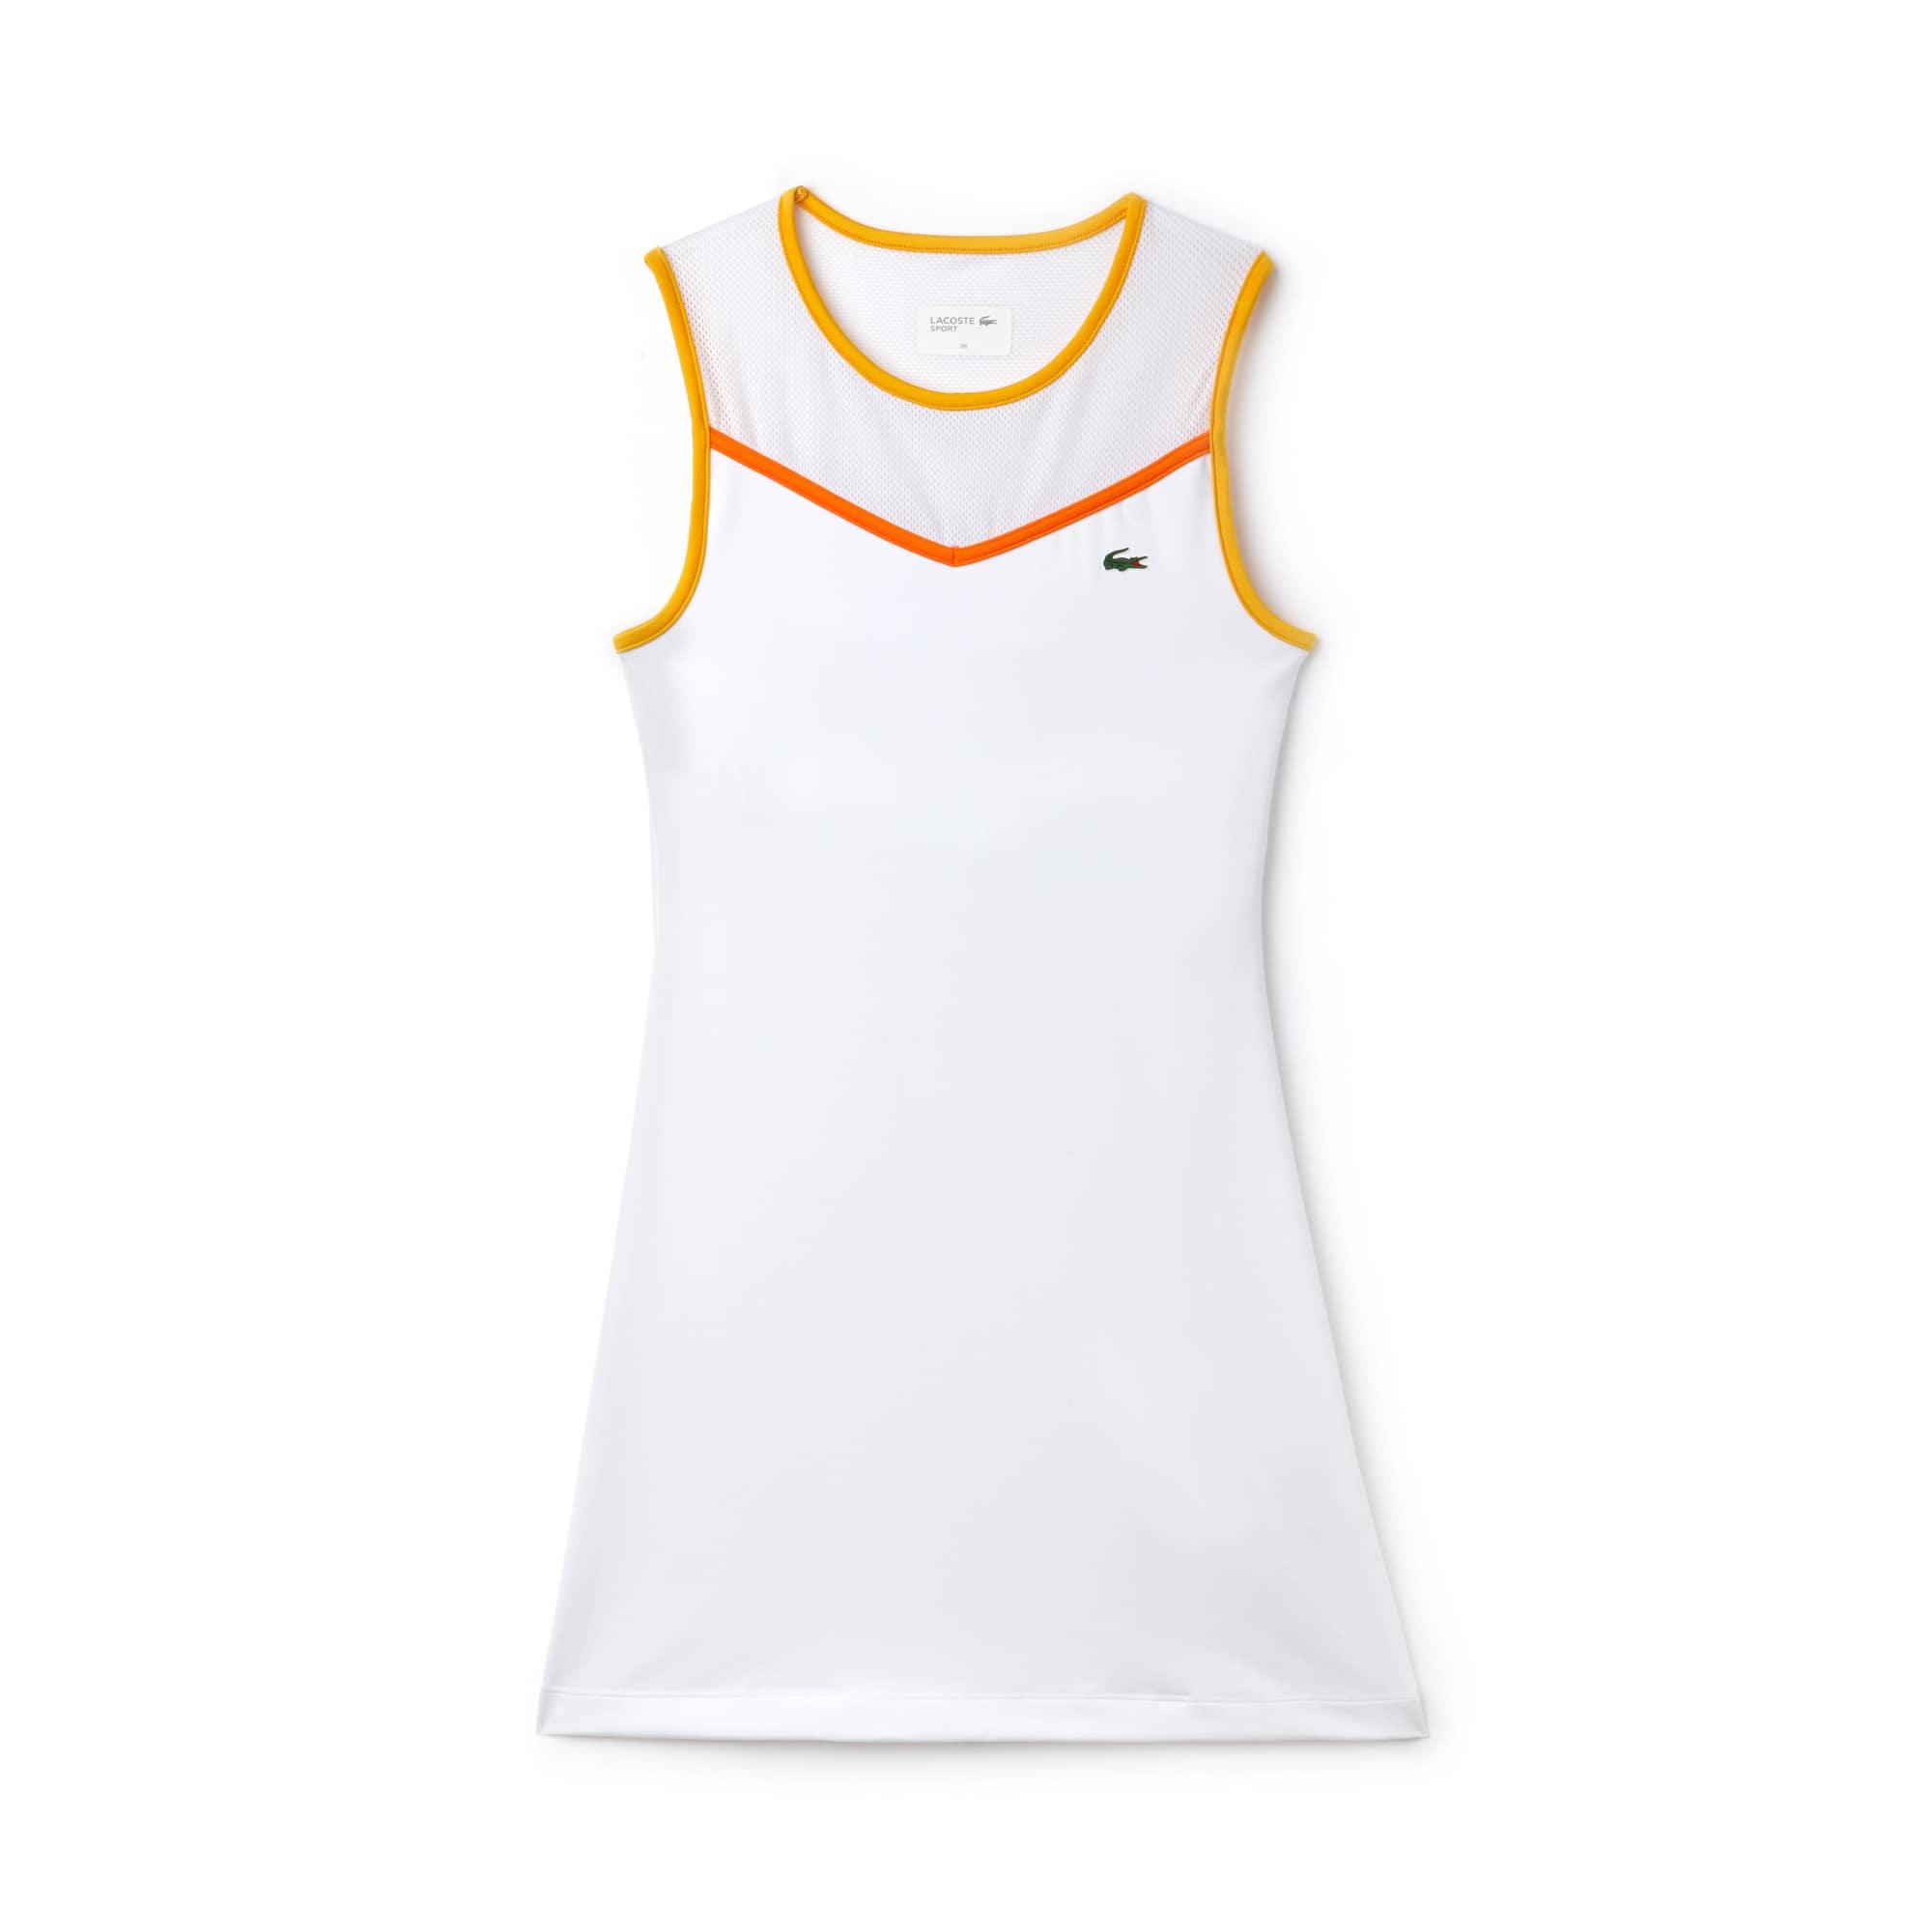 Robe dos nageur Tennis Lacoste SPORT en jersey technique et mesh